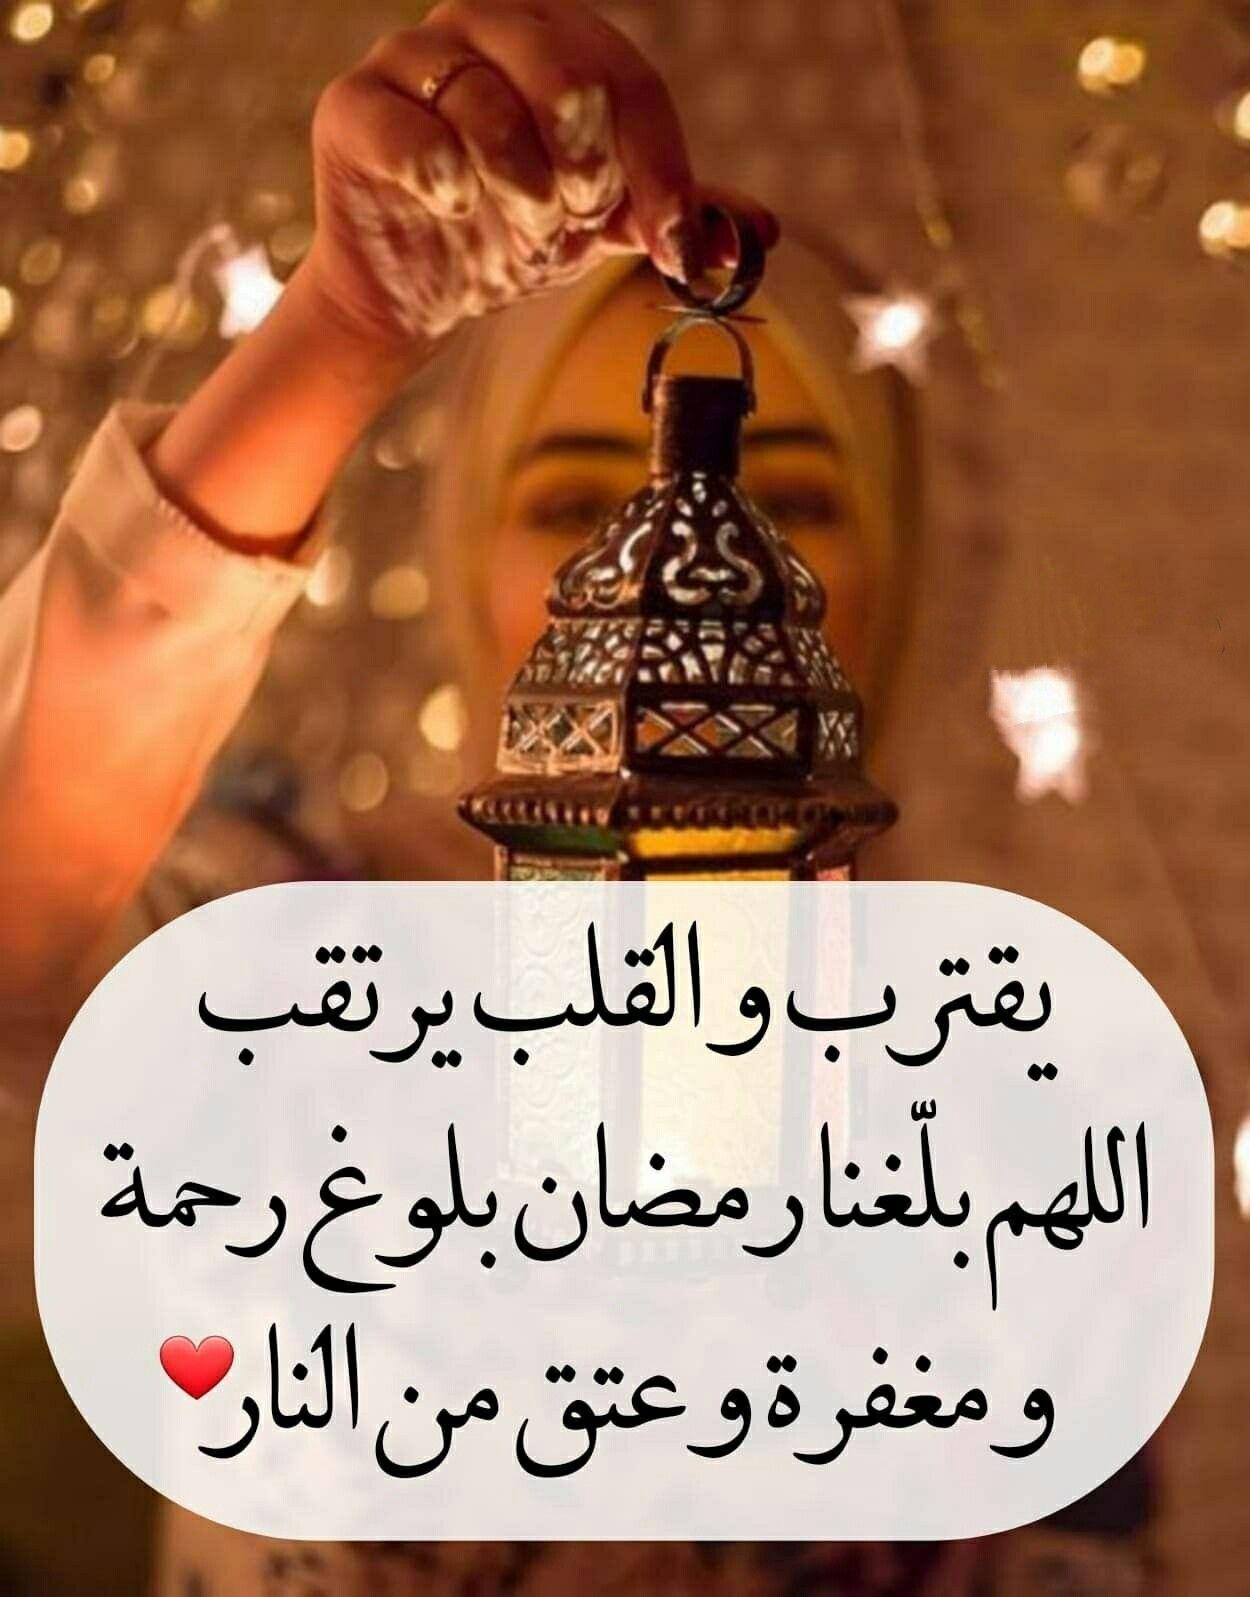 اللهم بلغنارمضان لافاقدين ولا مفقودين Ramadan Quotes Ramadan Greetings Ramadan